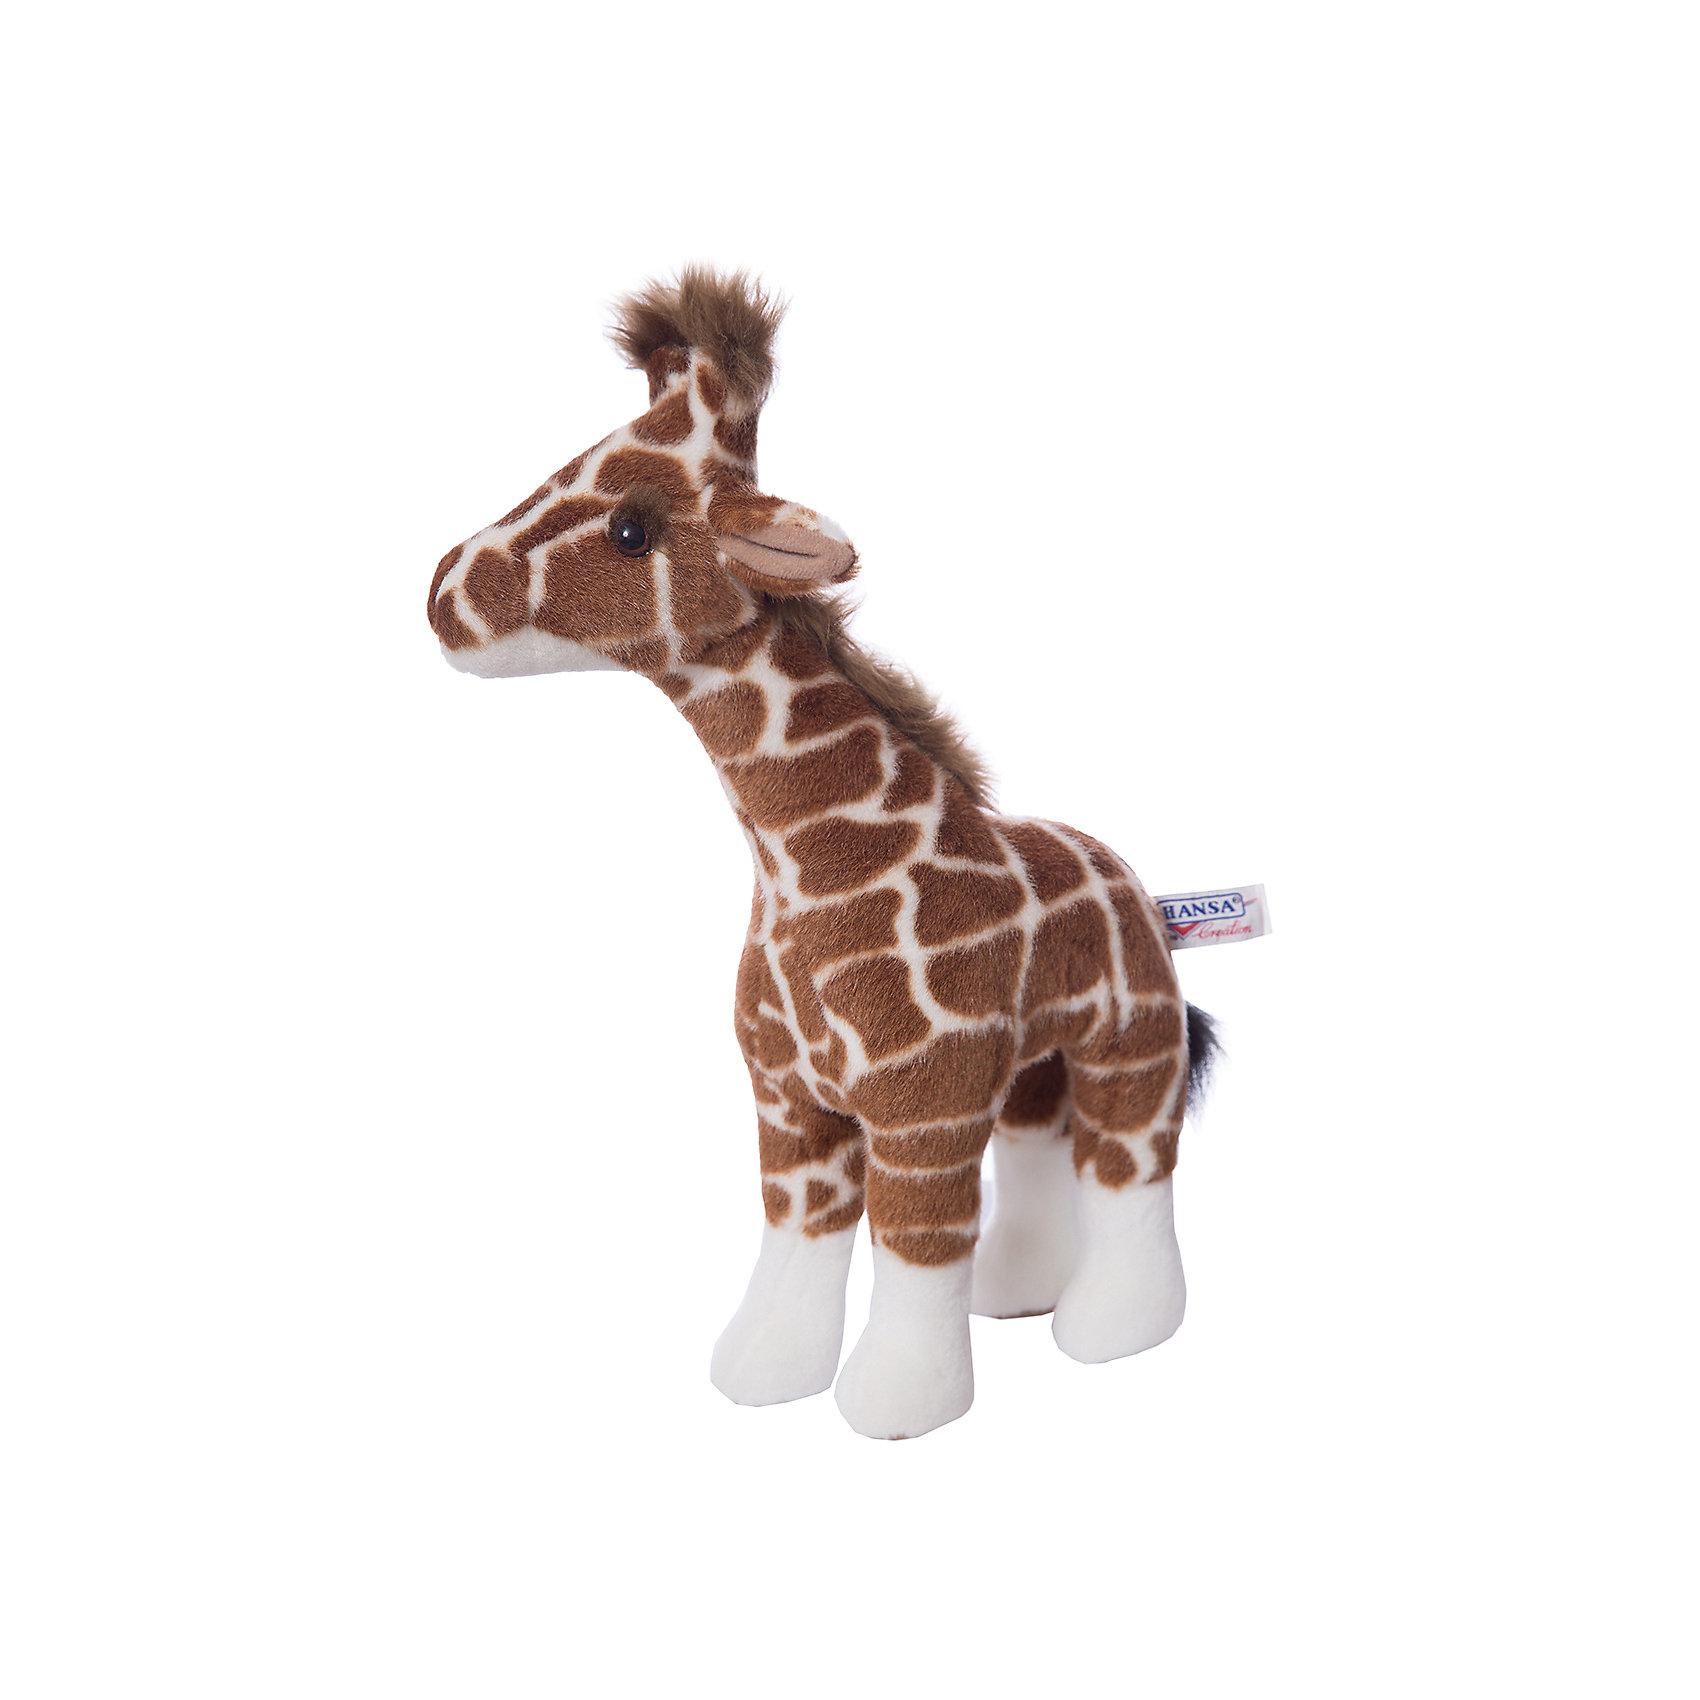 Жираф, 38 см,  HansaСимпатичный пятнистый жираф 38 см от Hansa (Ханса) с милейшей мордашкой и пучком волос станет настоящим другом для Вашего малыша! Зверушка настолько обаятельная, что не оставит равнодушным никого. Игрушка сделана из приятной на ощупь ткани, внутри неё находится гипоаллергенный наполнитель, поэтому жирафа можно брать в кроватку. Африканский житель принесет в Ваш дом много радости и счастья.<br><br>Мягкая игрушка  Жираф от  Hansa (Ханса)  настолько похожа на оригинал, что ее можно было бы спутать с настоящим животным, если б не разница в размерах. Игрушка сшита вручную из искусственного меха, текстиля и иных материалов высокого качества. Также она оснащена проволочным каркасом, позволяющим придавать зверушке различные позы.  Модель может быть использована не только в качестве классической мягкой игрушки, но и как элемент декора в интерьере. Изготавливаются из искусственного меха, специально обработанного для придания схожести с мехом конкретного вида животного. <br><br>Дополнительная информация:<br><br>- Высота: 38 см;<br>- Материал: искусственный мех, металл;<br>- Размер упаковки: 38 х 12 х 22 см;<br>- Вес с упаковкой: 265 г.<br><br>Жирафа, 38 см,  Hansa (Ханса) можно купить в нашем интернет-магазине.<br><br>Ширина мм: 220<br>Глубина мм: 120<br>Высота мм: 380<br>Вес г: 265<br>Возраст от месяцев: 36<br>Возраст до месяцев: 144<br>Пол: Унисекс<br>Возраст: Детский<br>SKU: 3563688